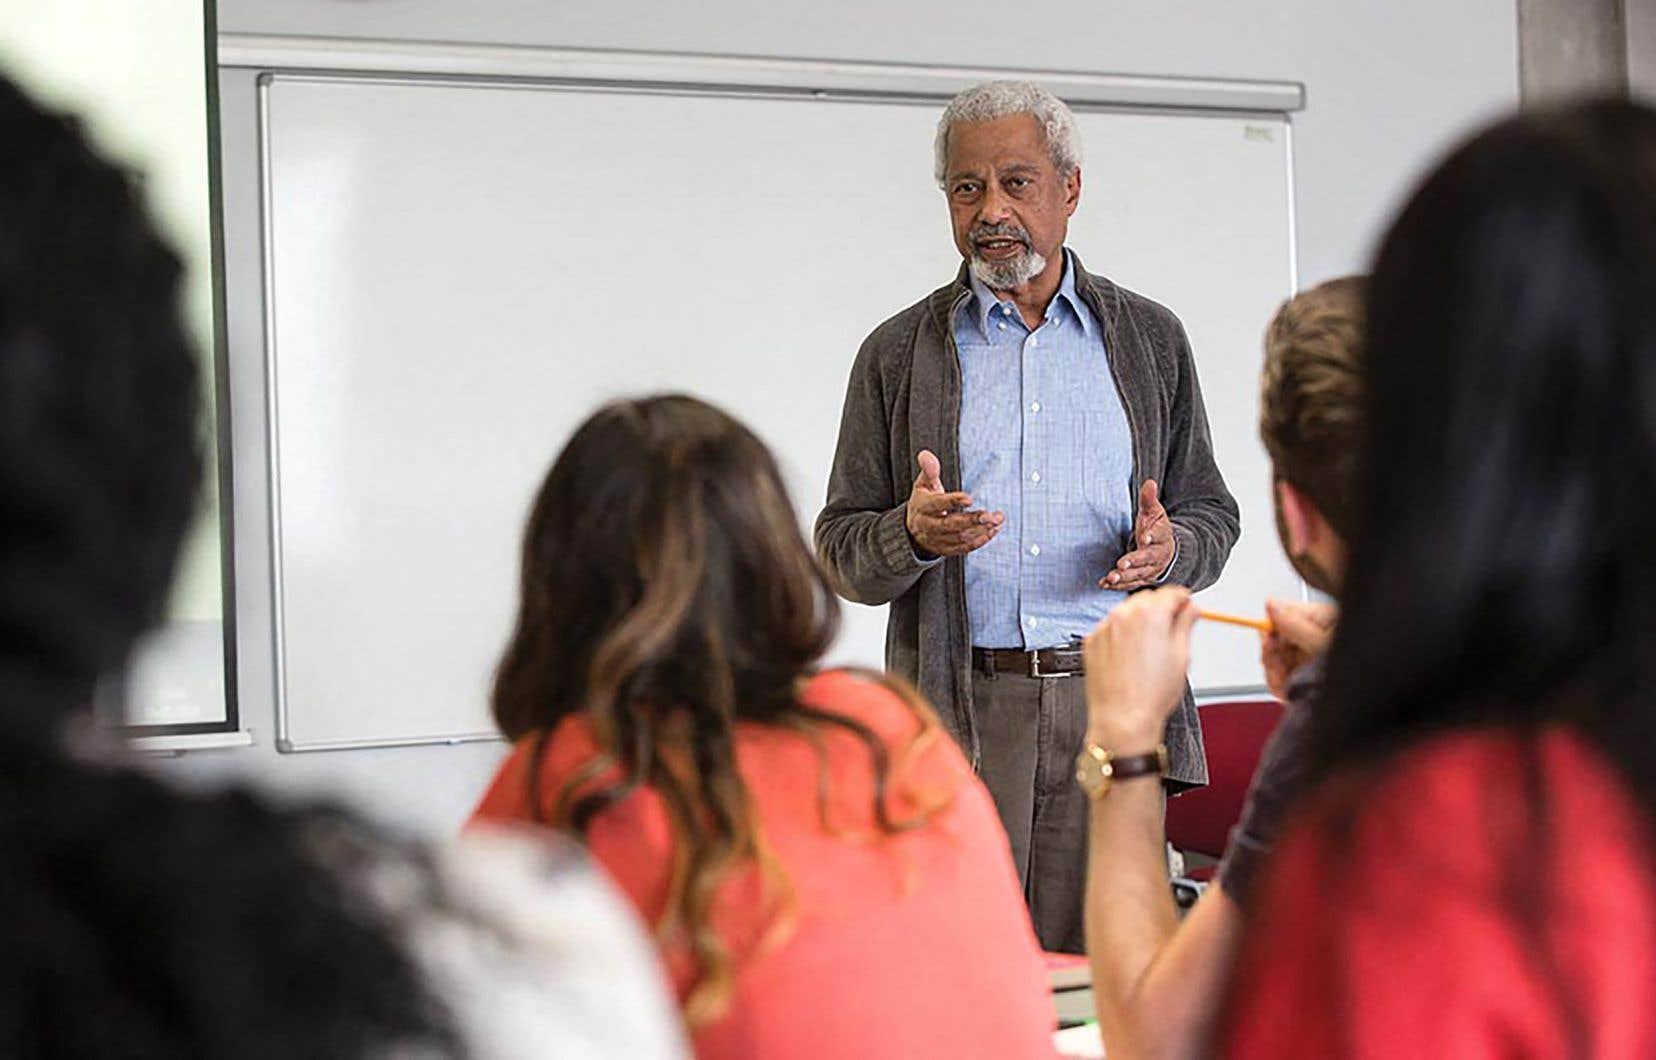 Abdulrazak Gurnah, natif de Zanzibar et exilé au Royaume-Uni, en compagnie d'étudiants de l'Université Kent. Il est le premier auteur africain depuis 2003 à recevoir le célèbre prix.